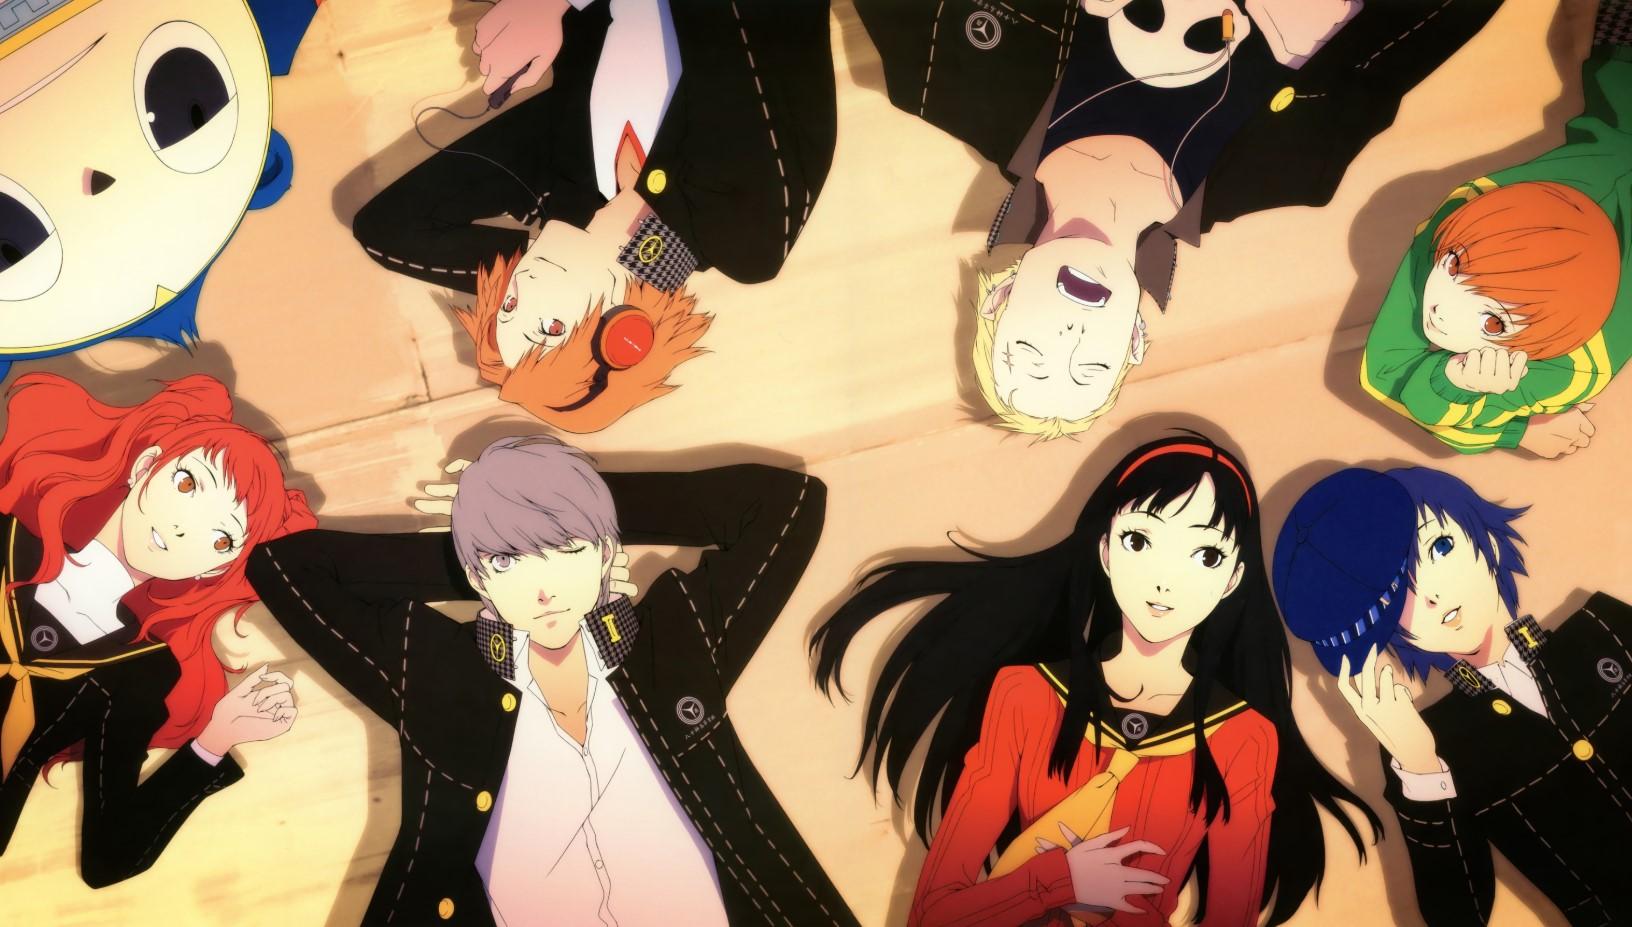 Persona 4 Golden вышла наПК: игра доступна вSteam